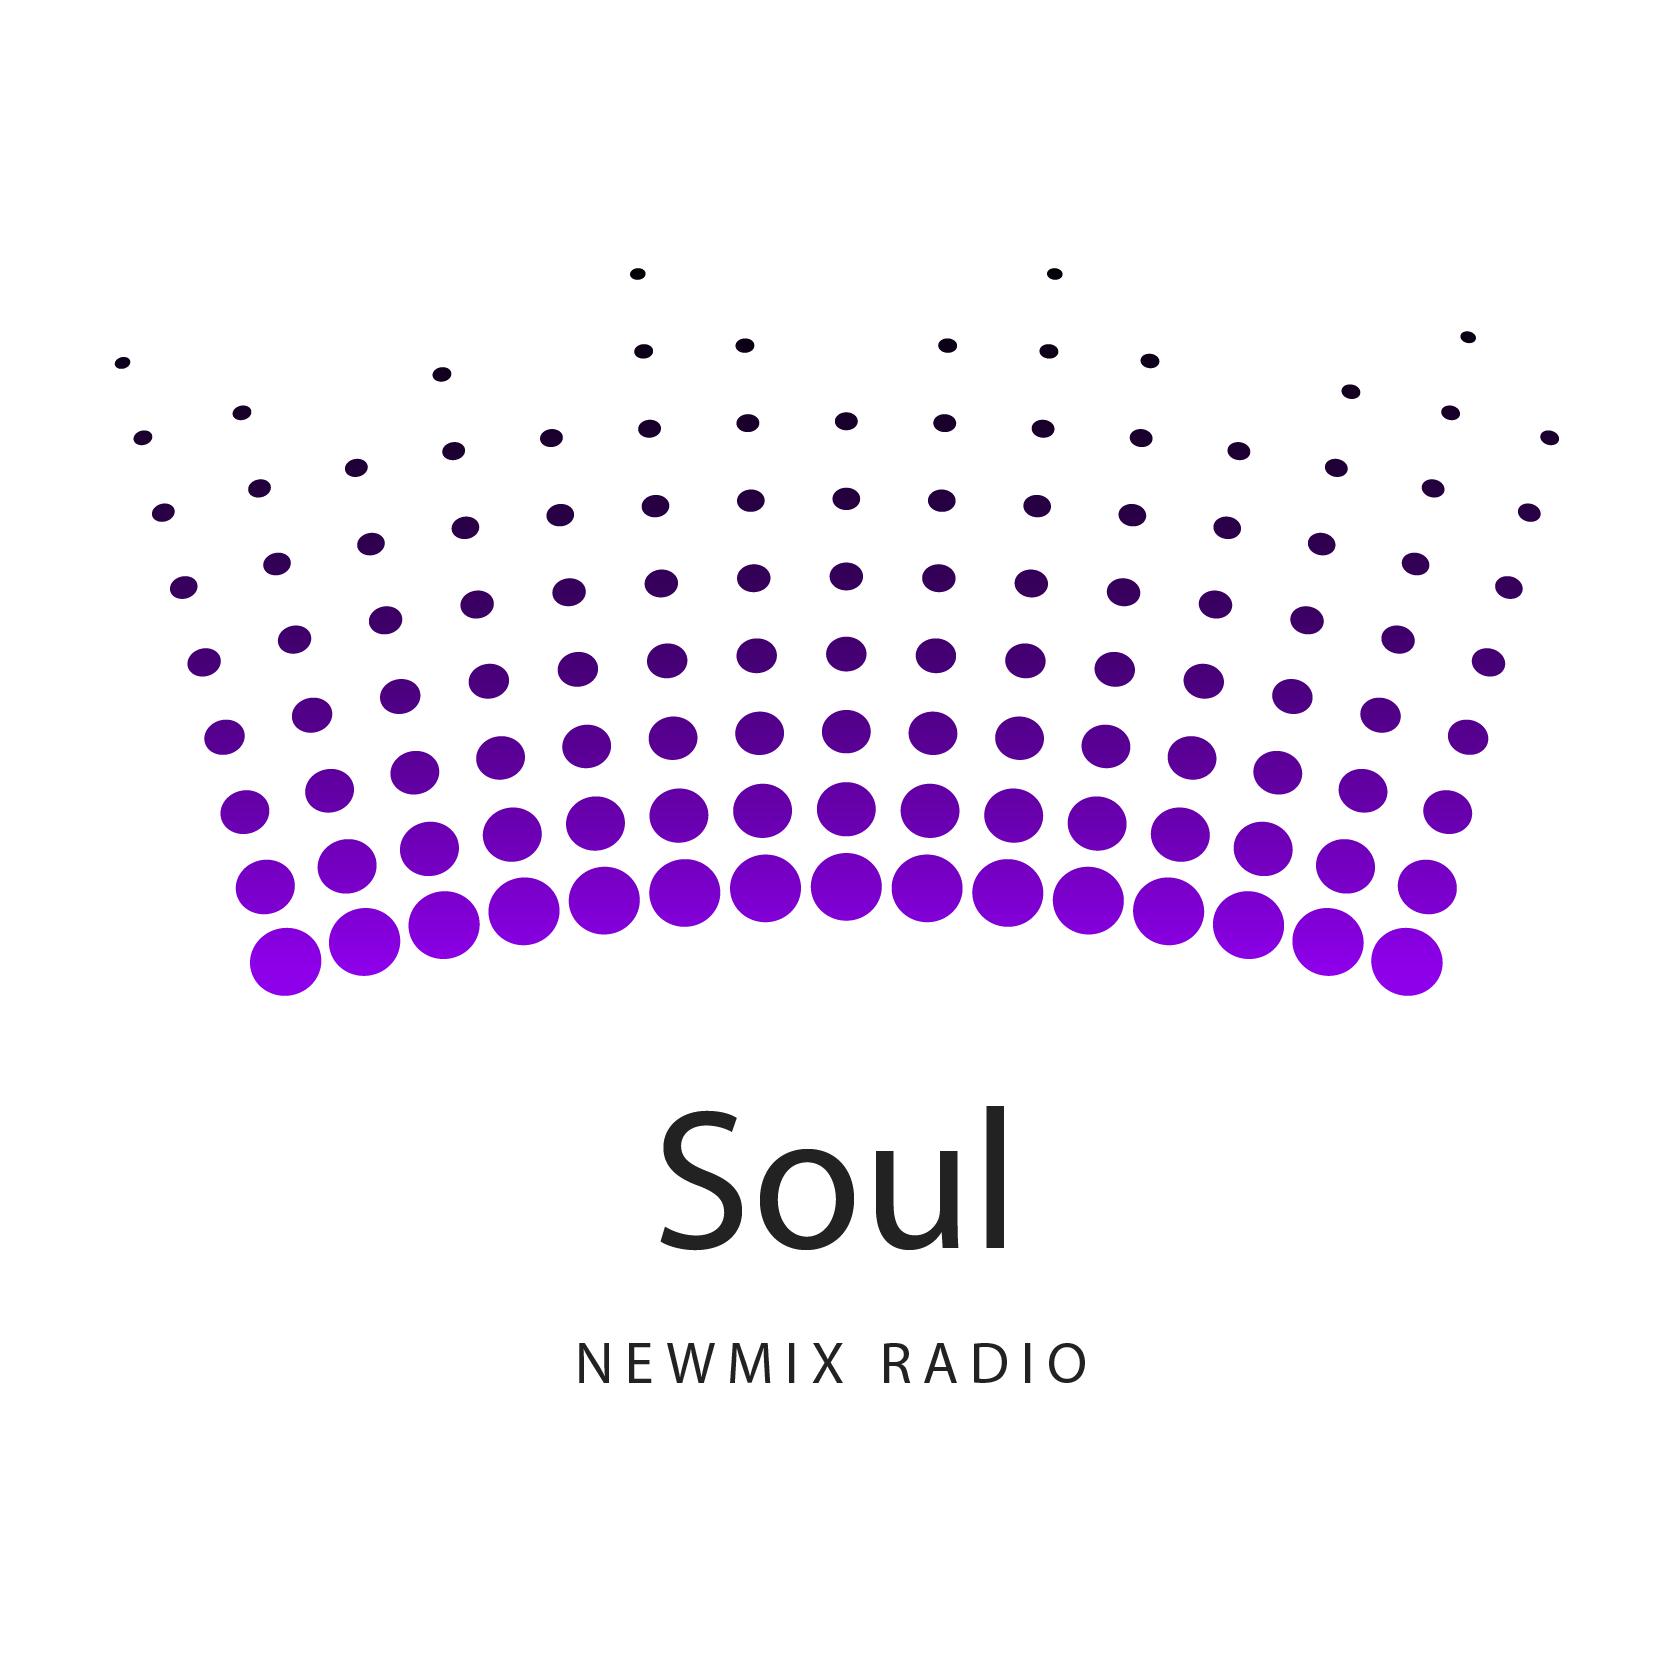 A_A Soul